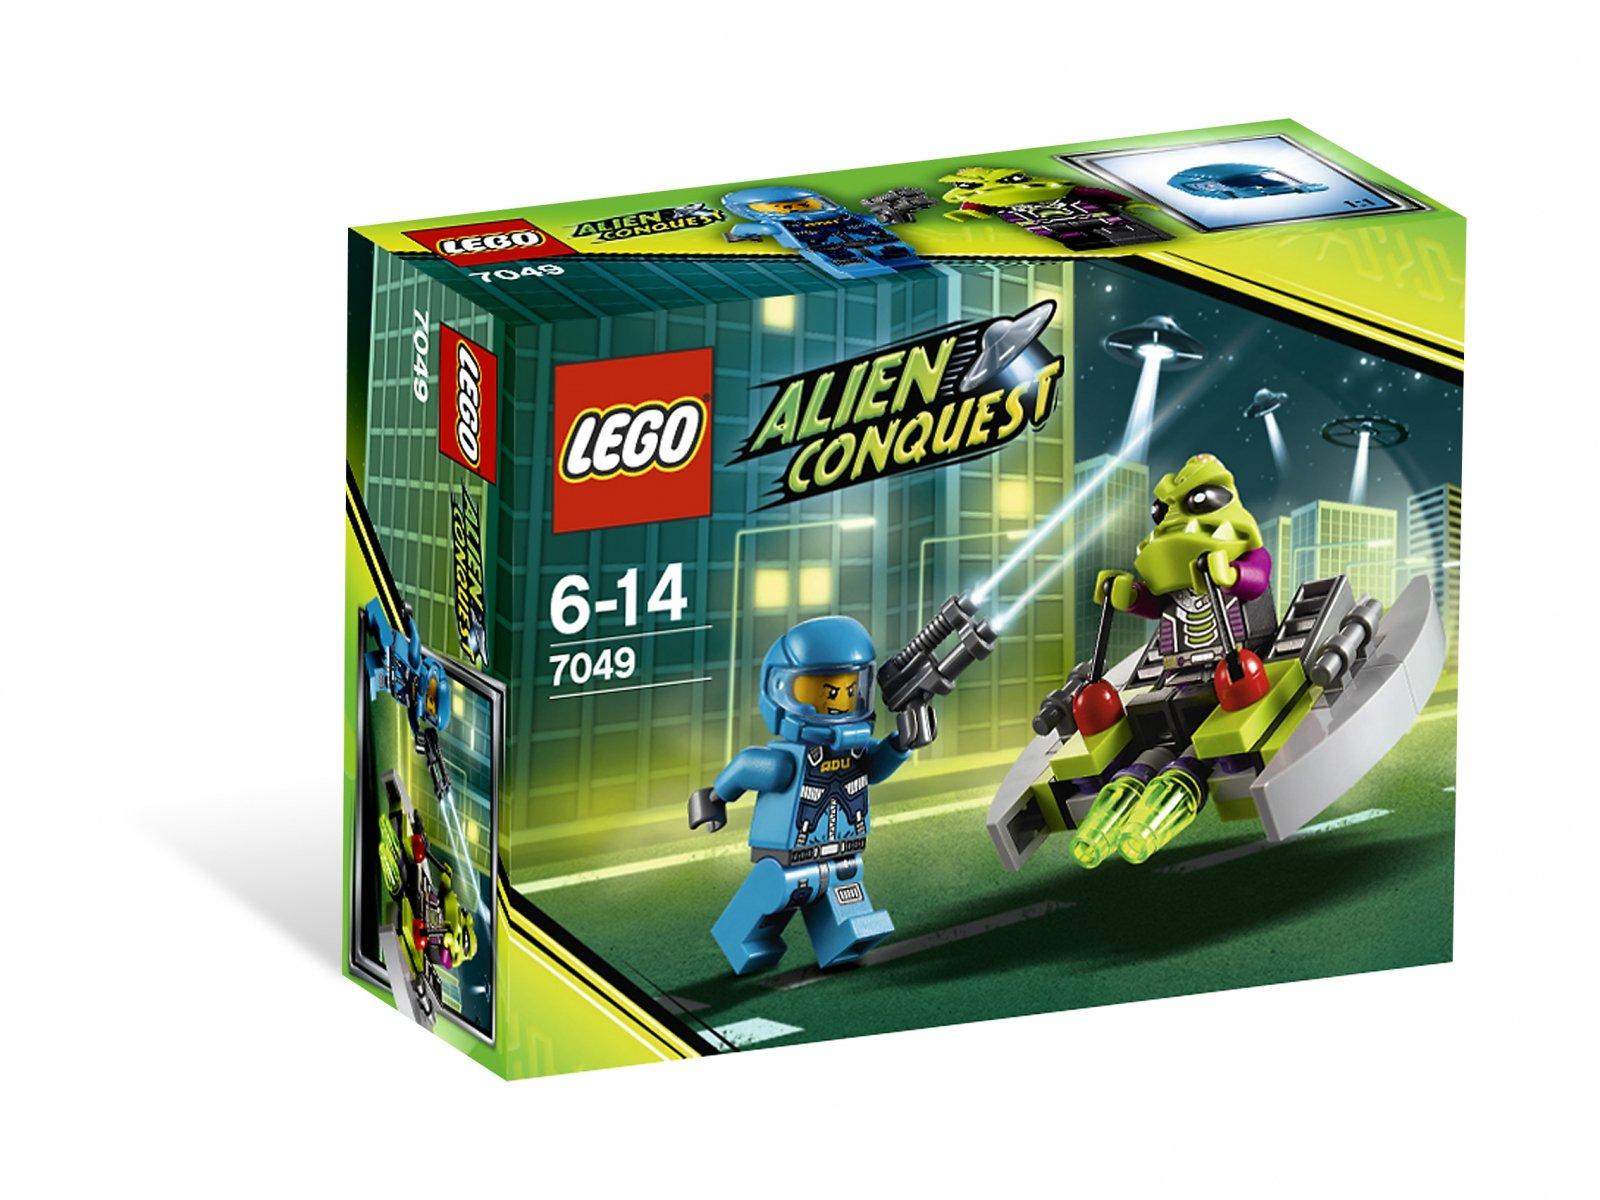 LEGO 7049 Alien Striker